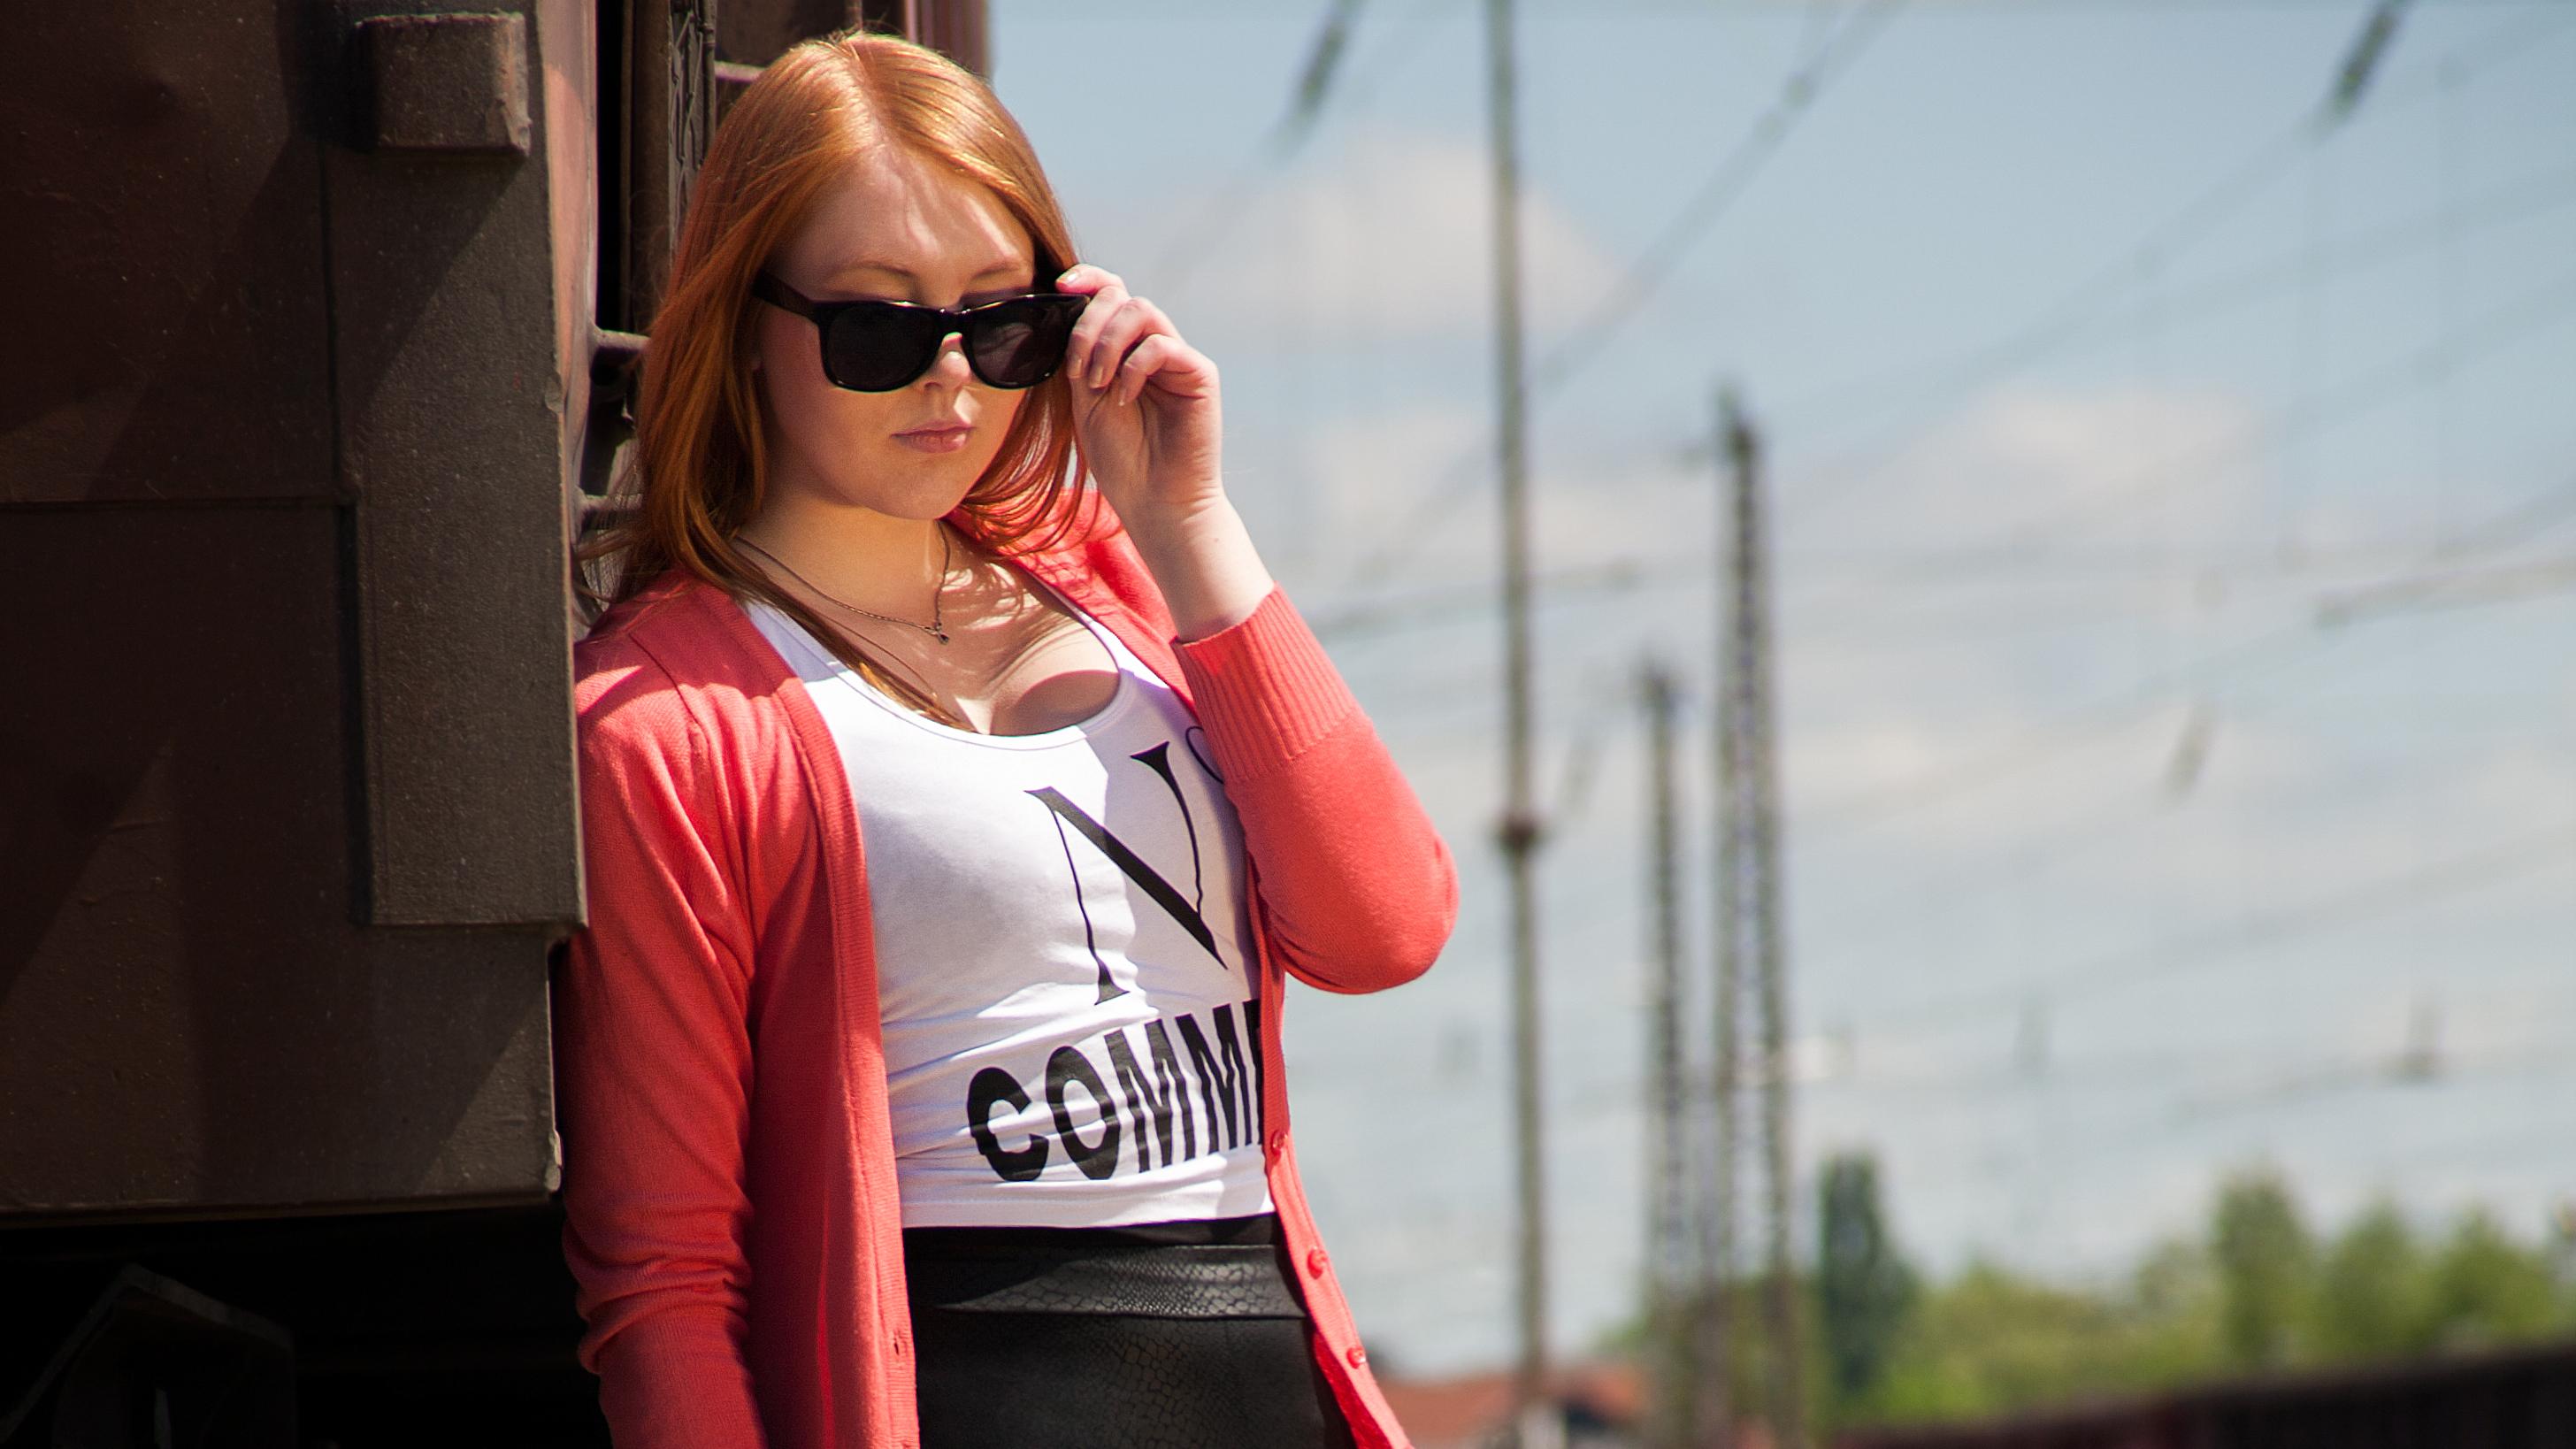 vermarktung sonnenbrille2